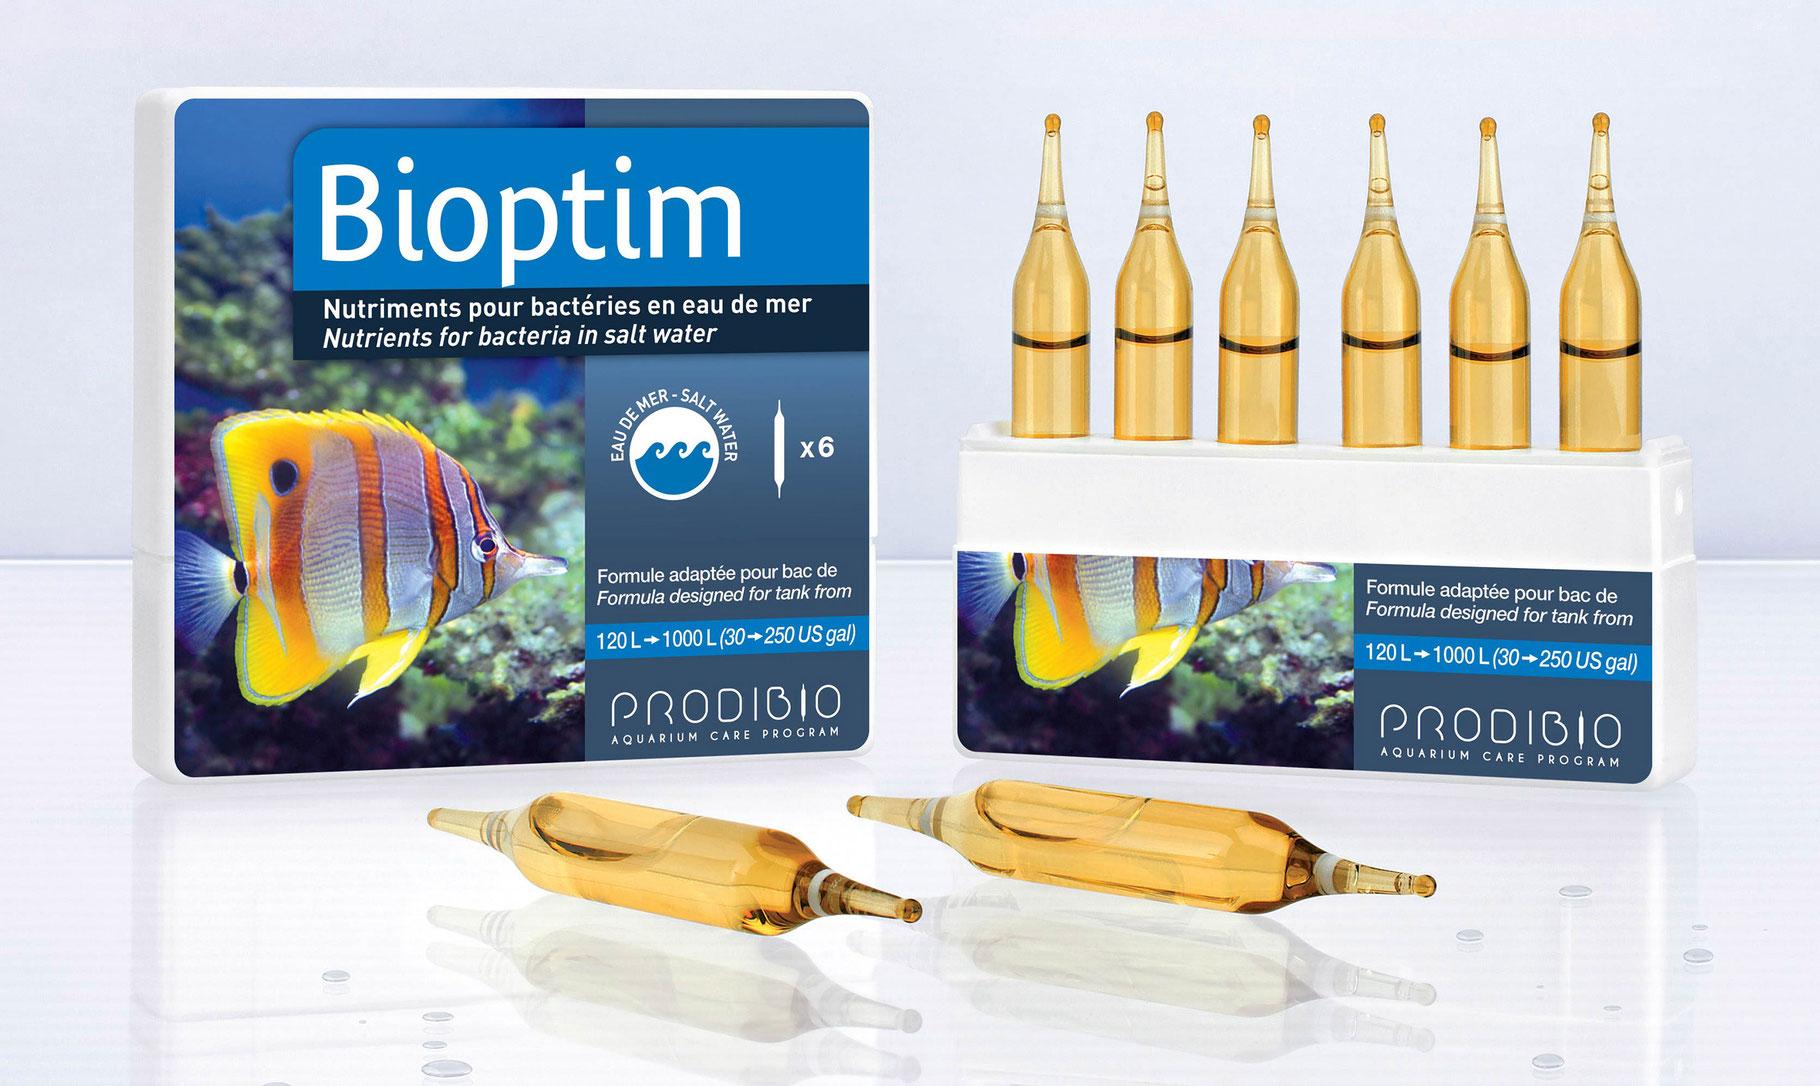 Prodibio Bioptim Meerwasser - konzentrierte Bakteriennährstoffe